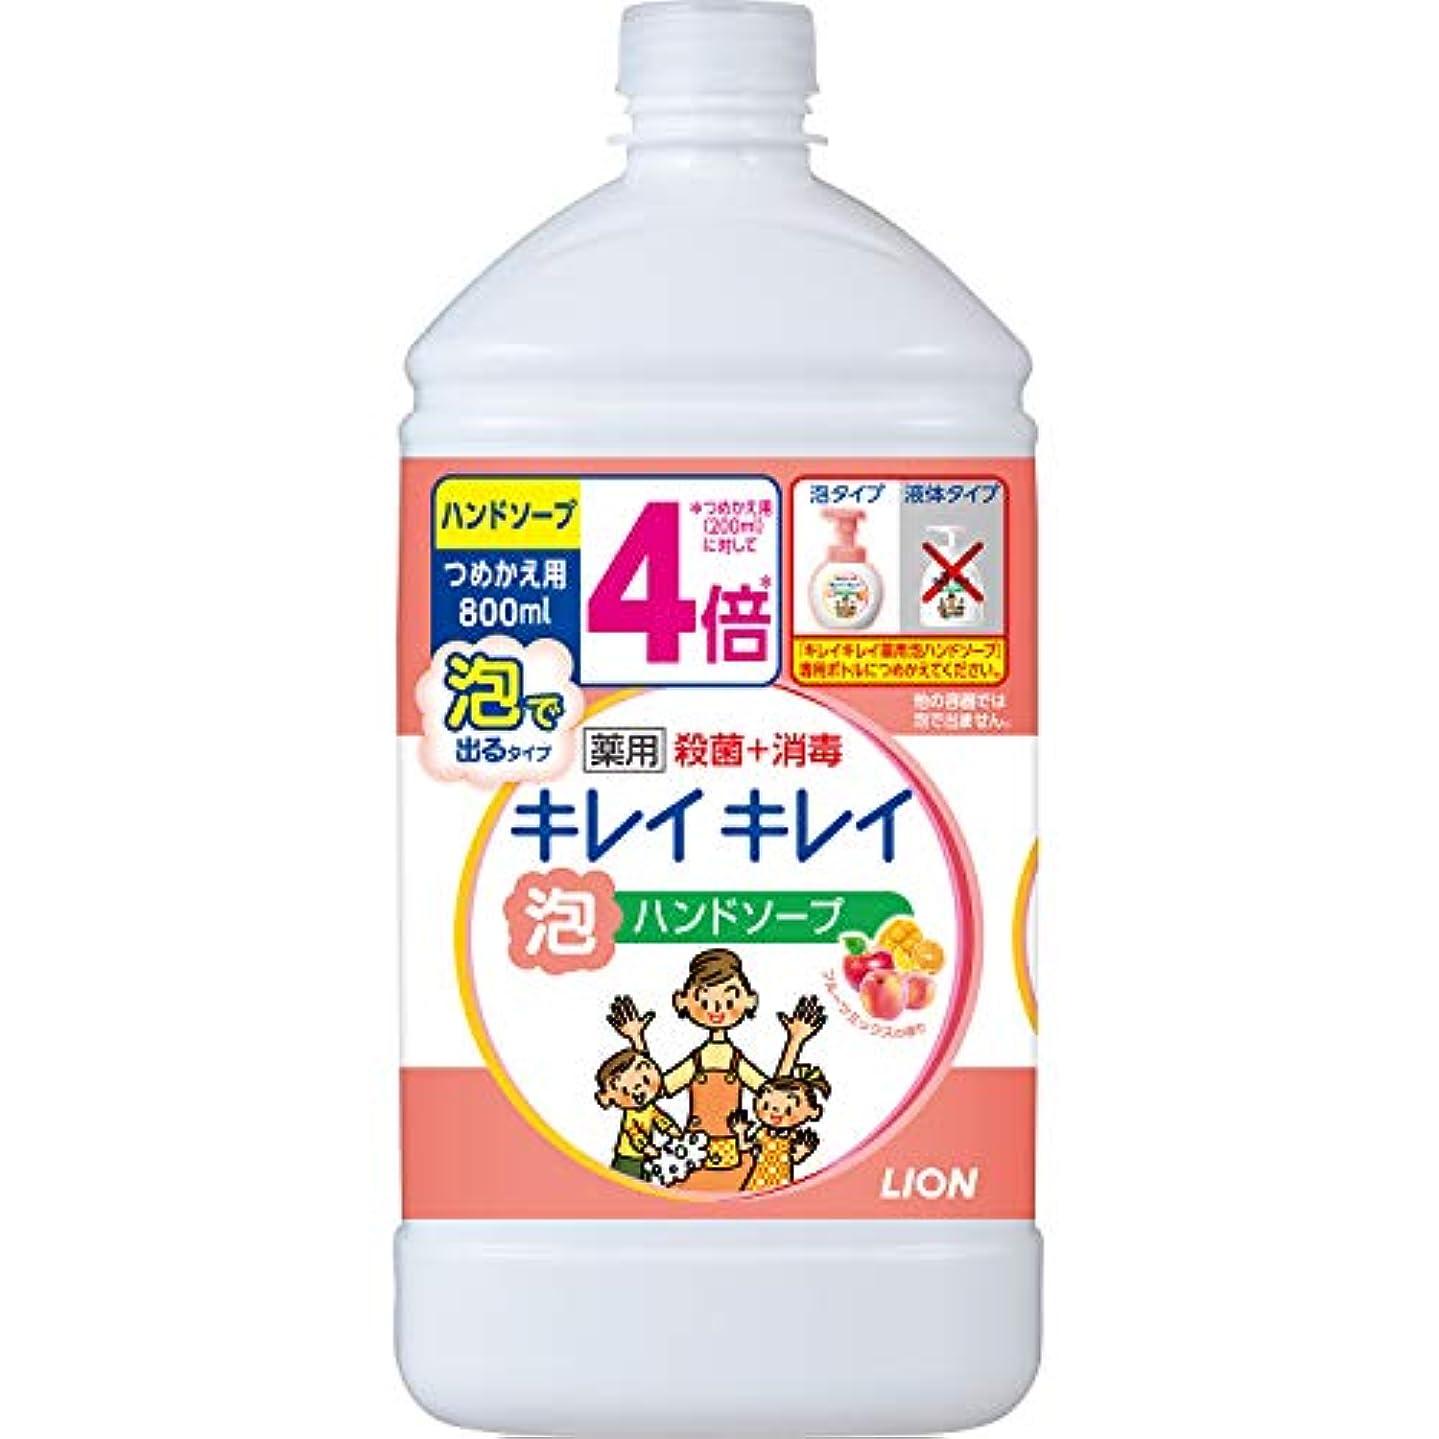 誘惑拮抗捧げる(医薬部外品)【大容量】キレイキレイ 薬用 泡ハンドソープ フルーツミックスの香り 詰め替え用 800ml